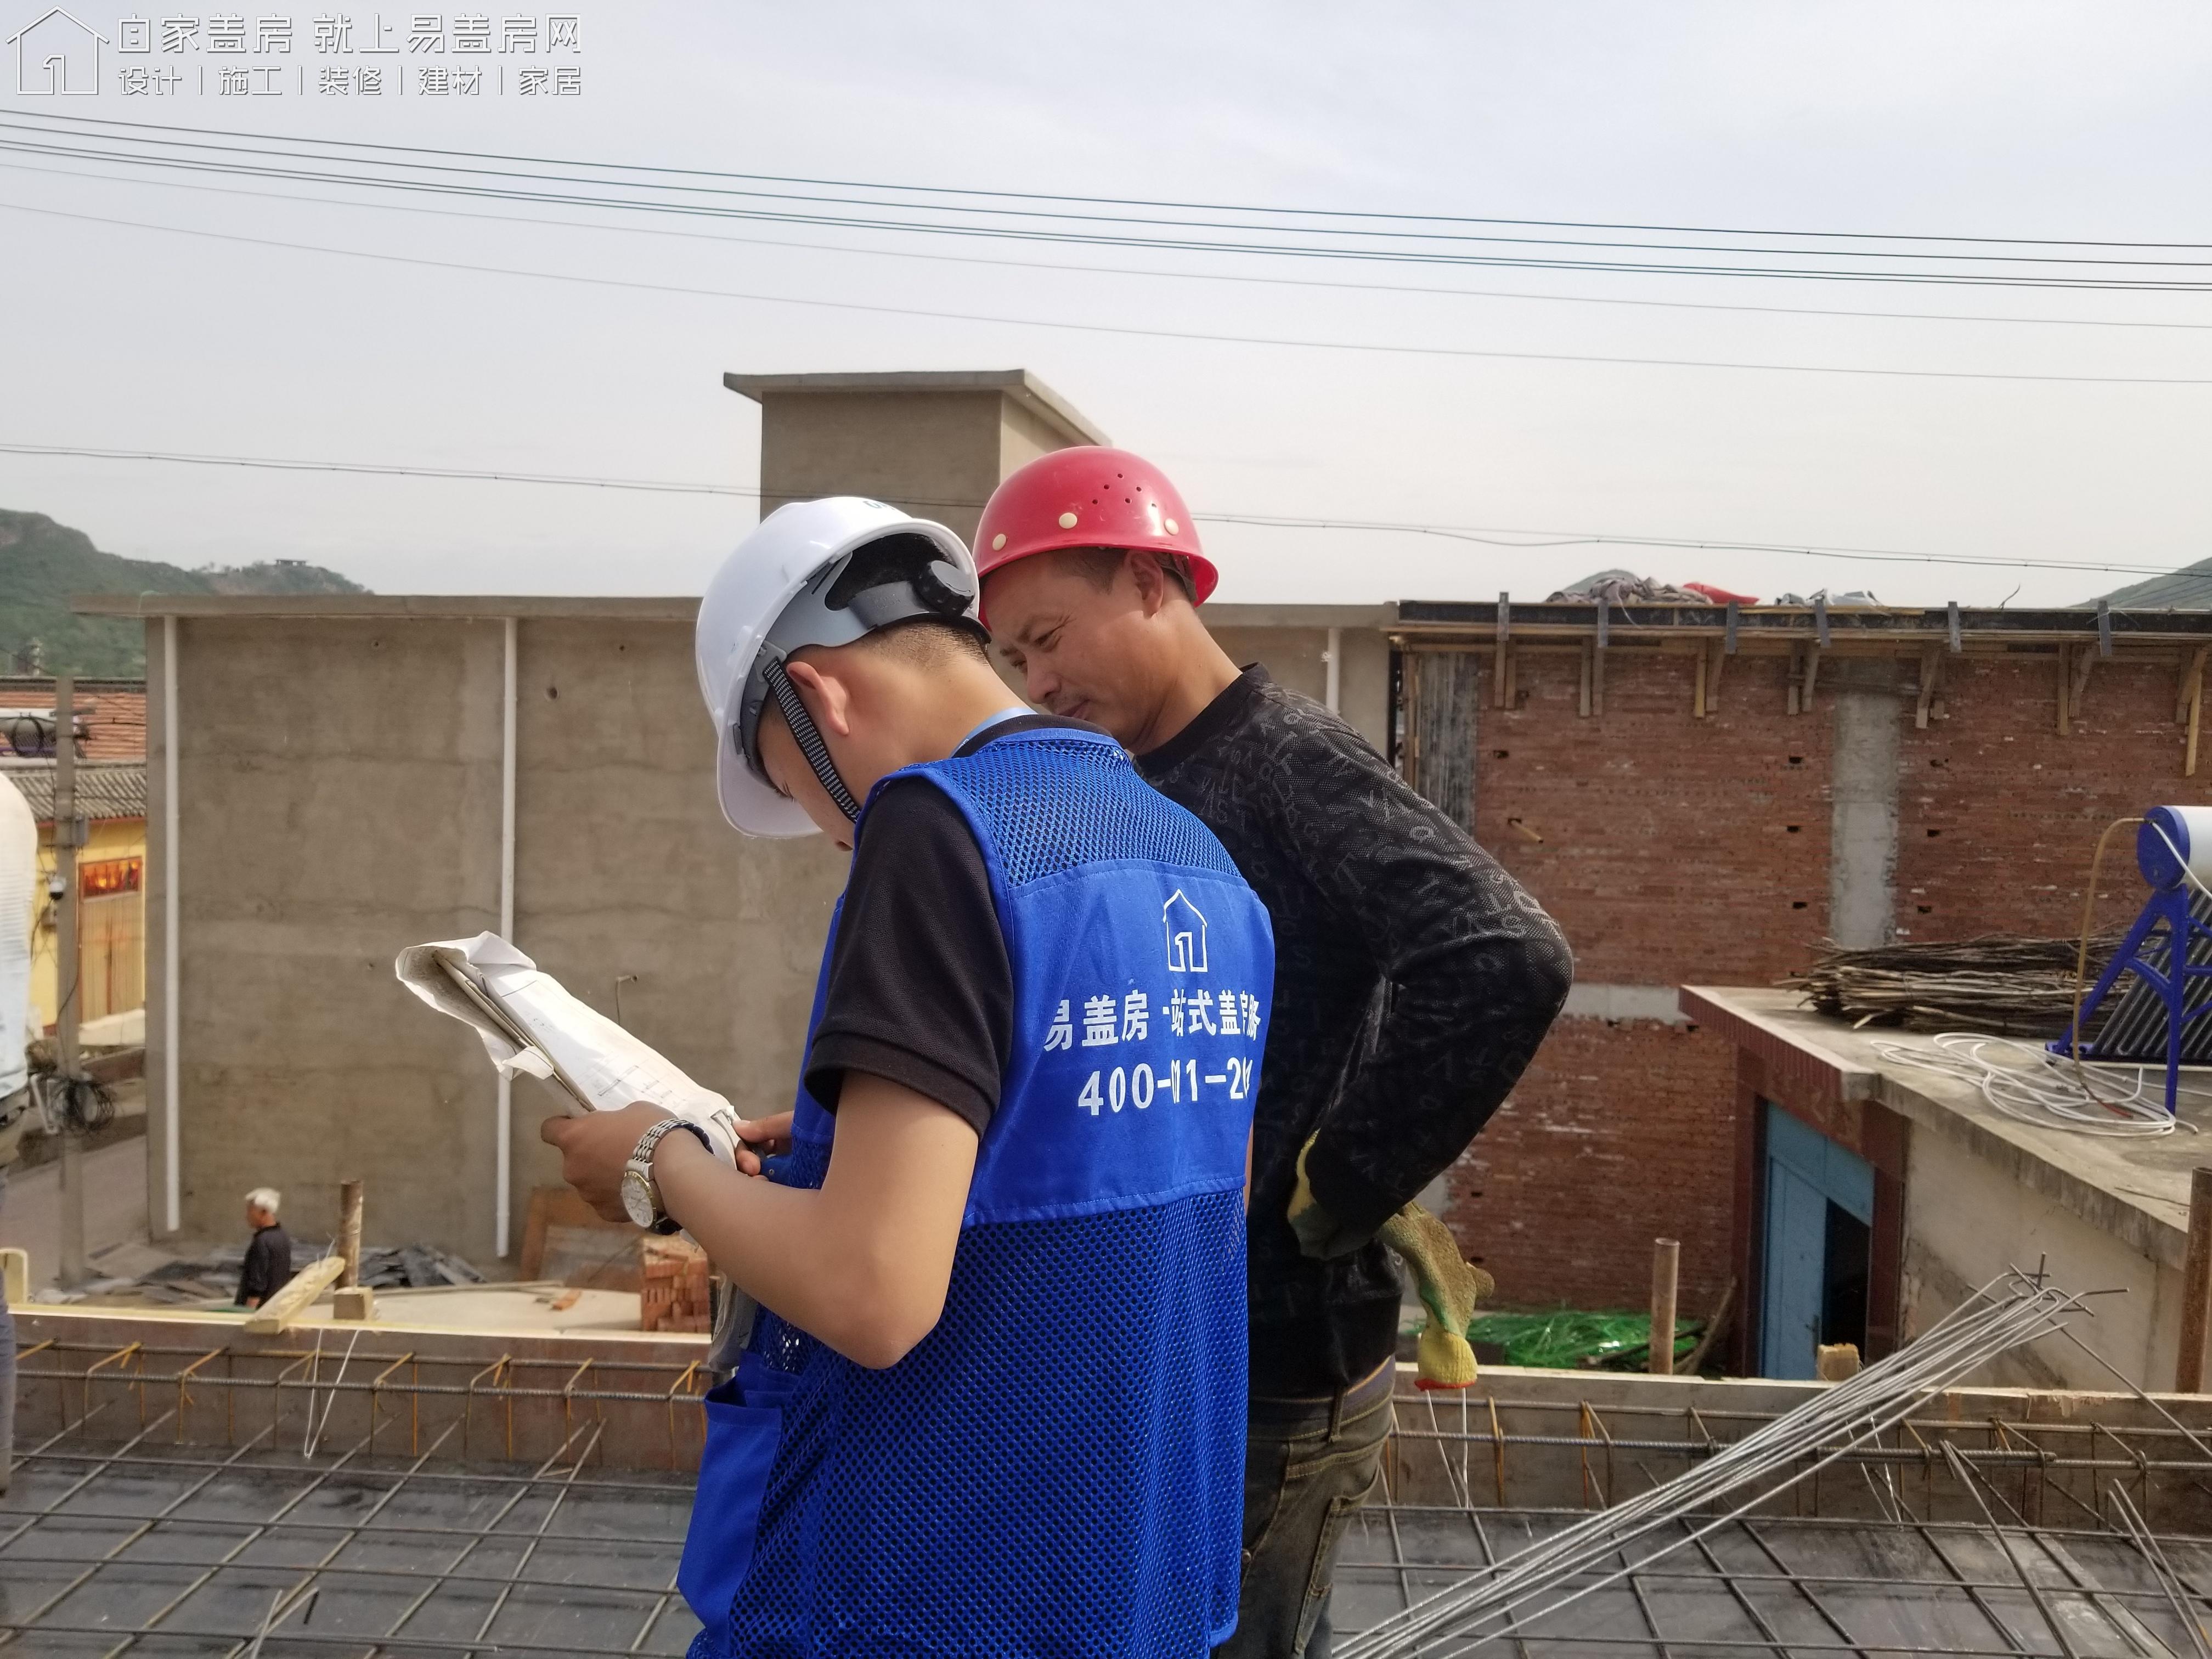 北京懷柔高超別墅工地直播